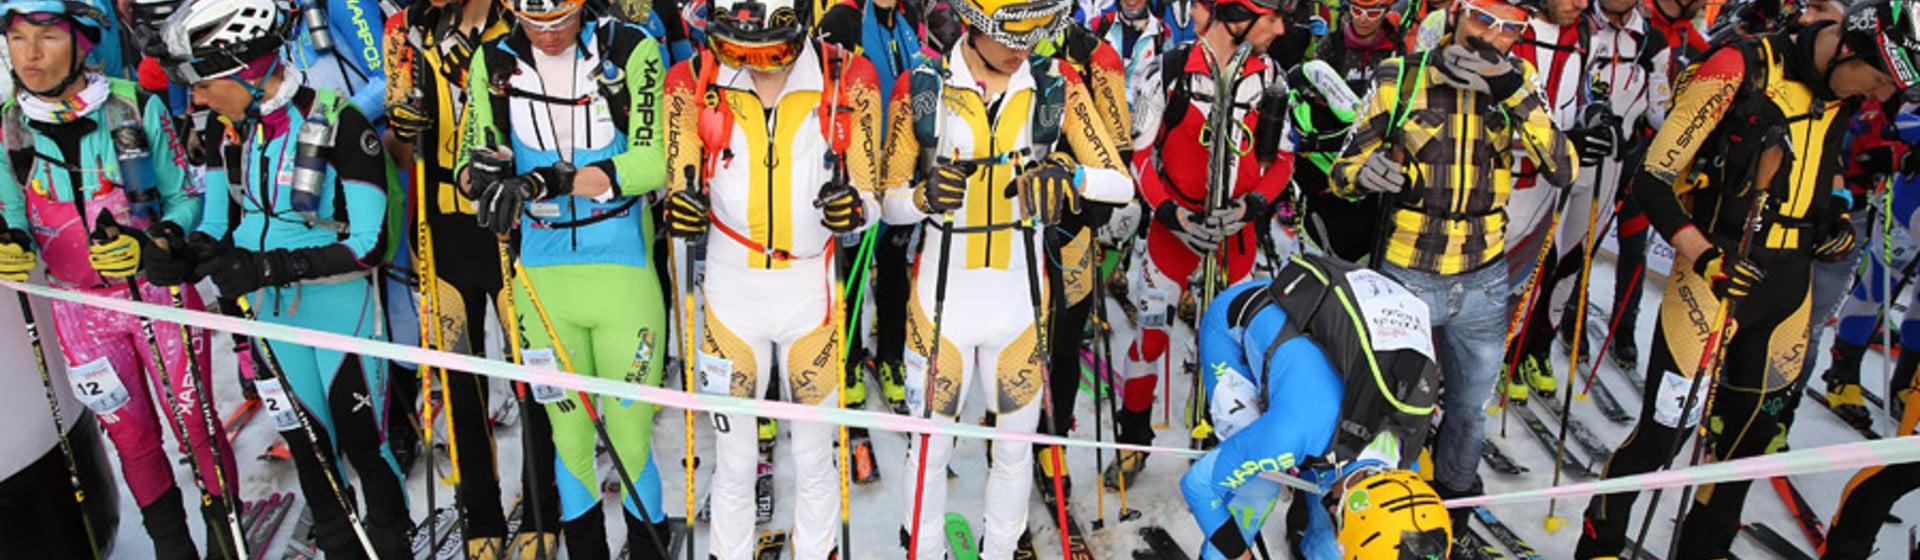 Domani si disputa la 23^ ed. del Sellaronda Skimarathon. Il passaggio in valle di Fodom sarà decisivo.